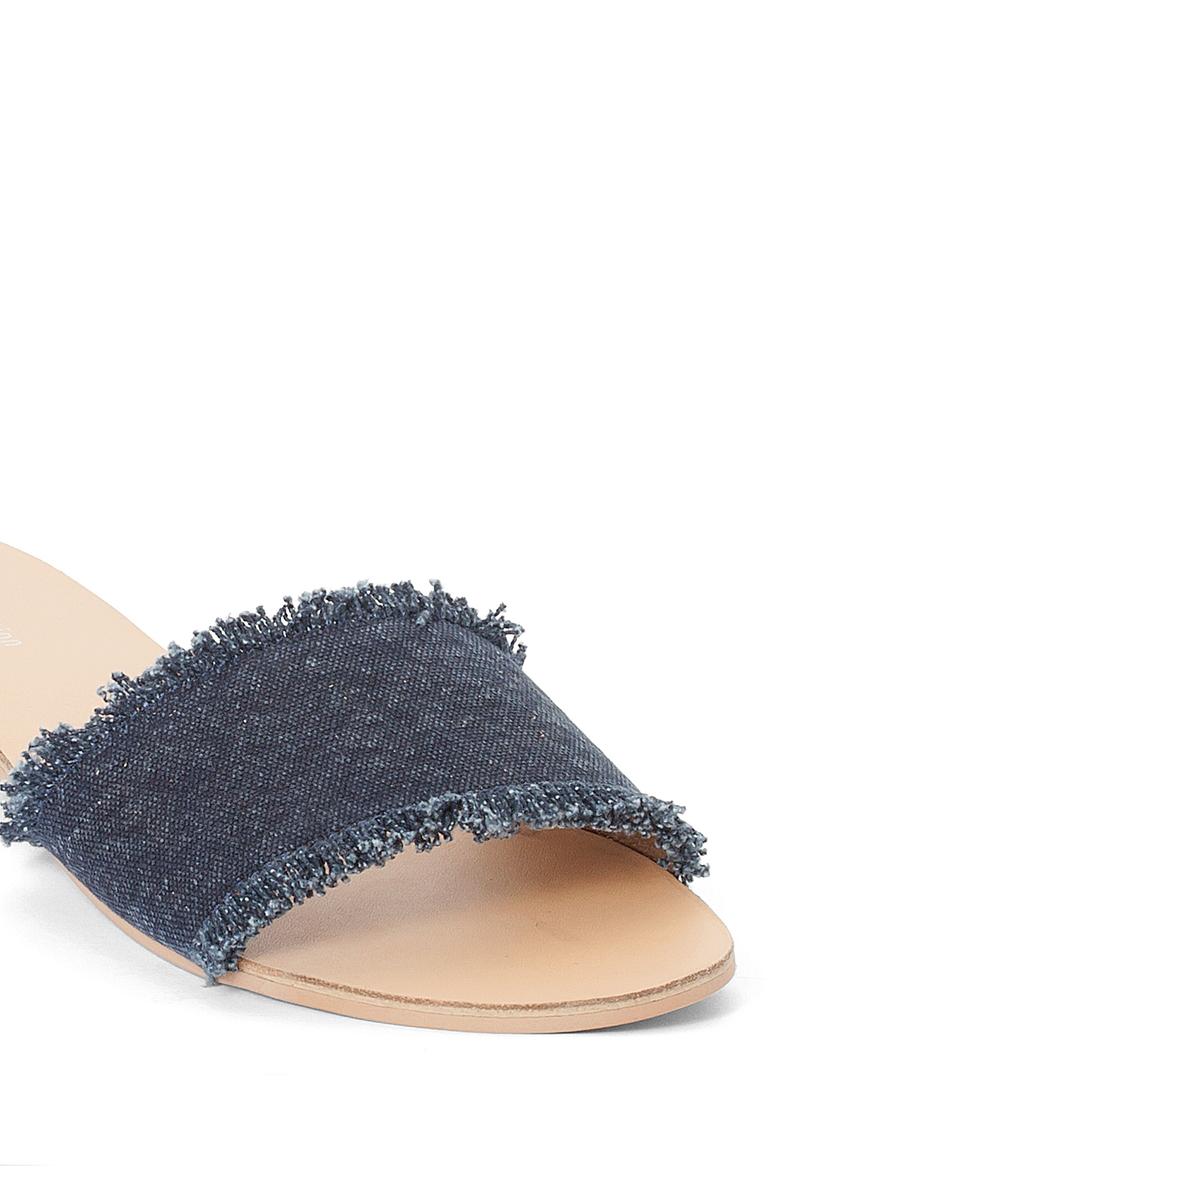 Туфли без задника тканевыеДетали •  Сандалии без задника •  Застежка : без застежки •  Открытый мысок •  Гладкая отделкаСостав и уход • Верх 100% хлопок •  Подкладка 100% хлопок<br><br>Цвет: синий<br>Размер: 40